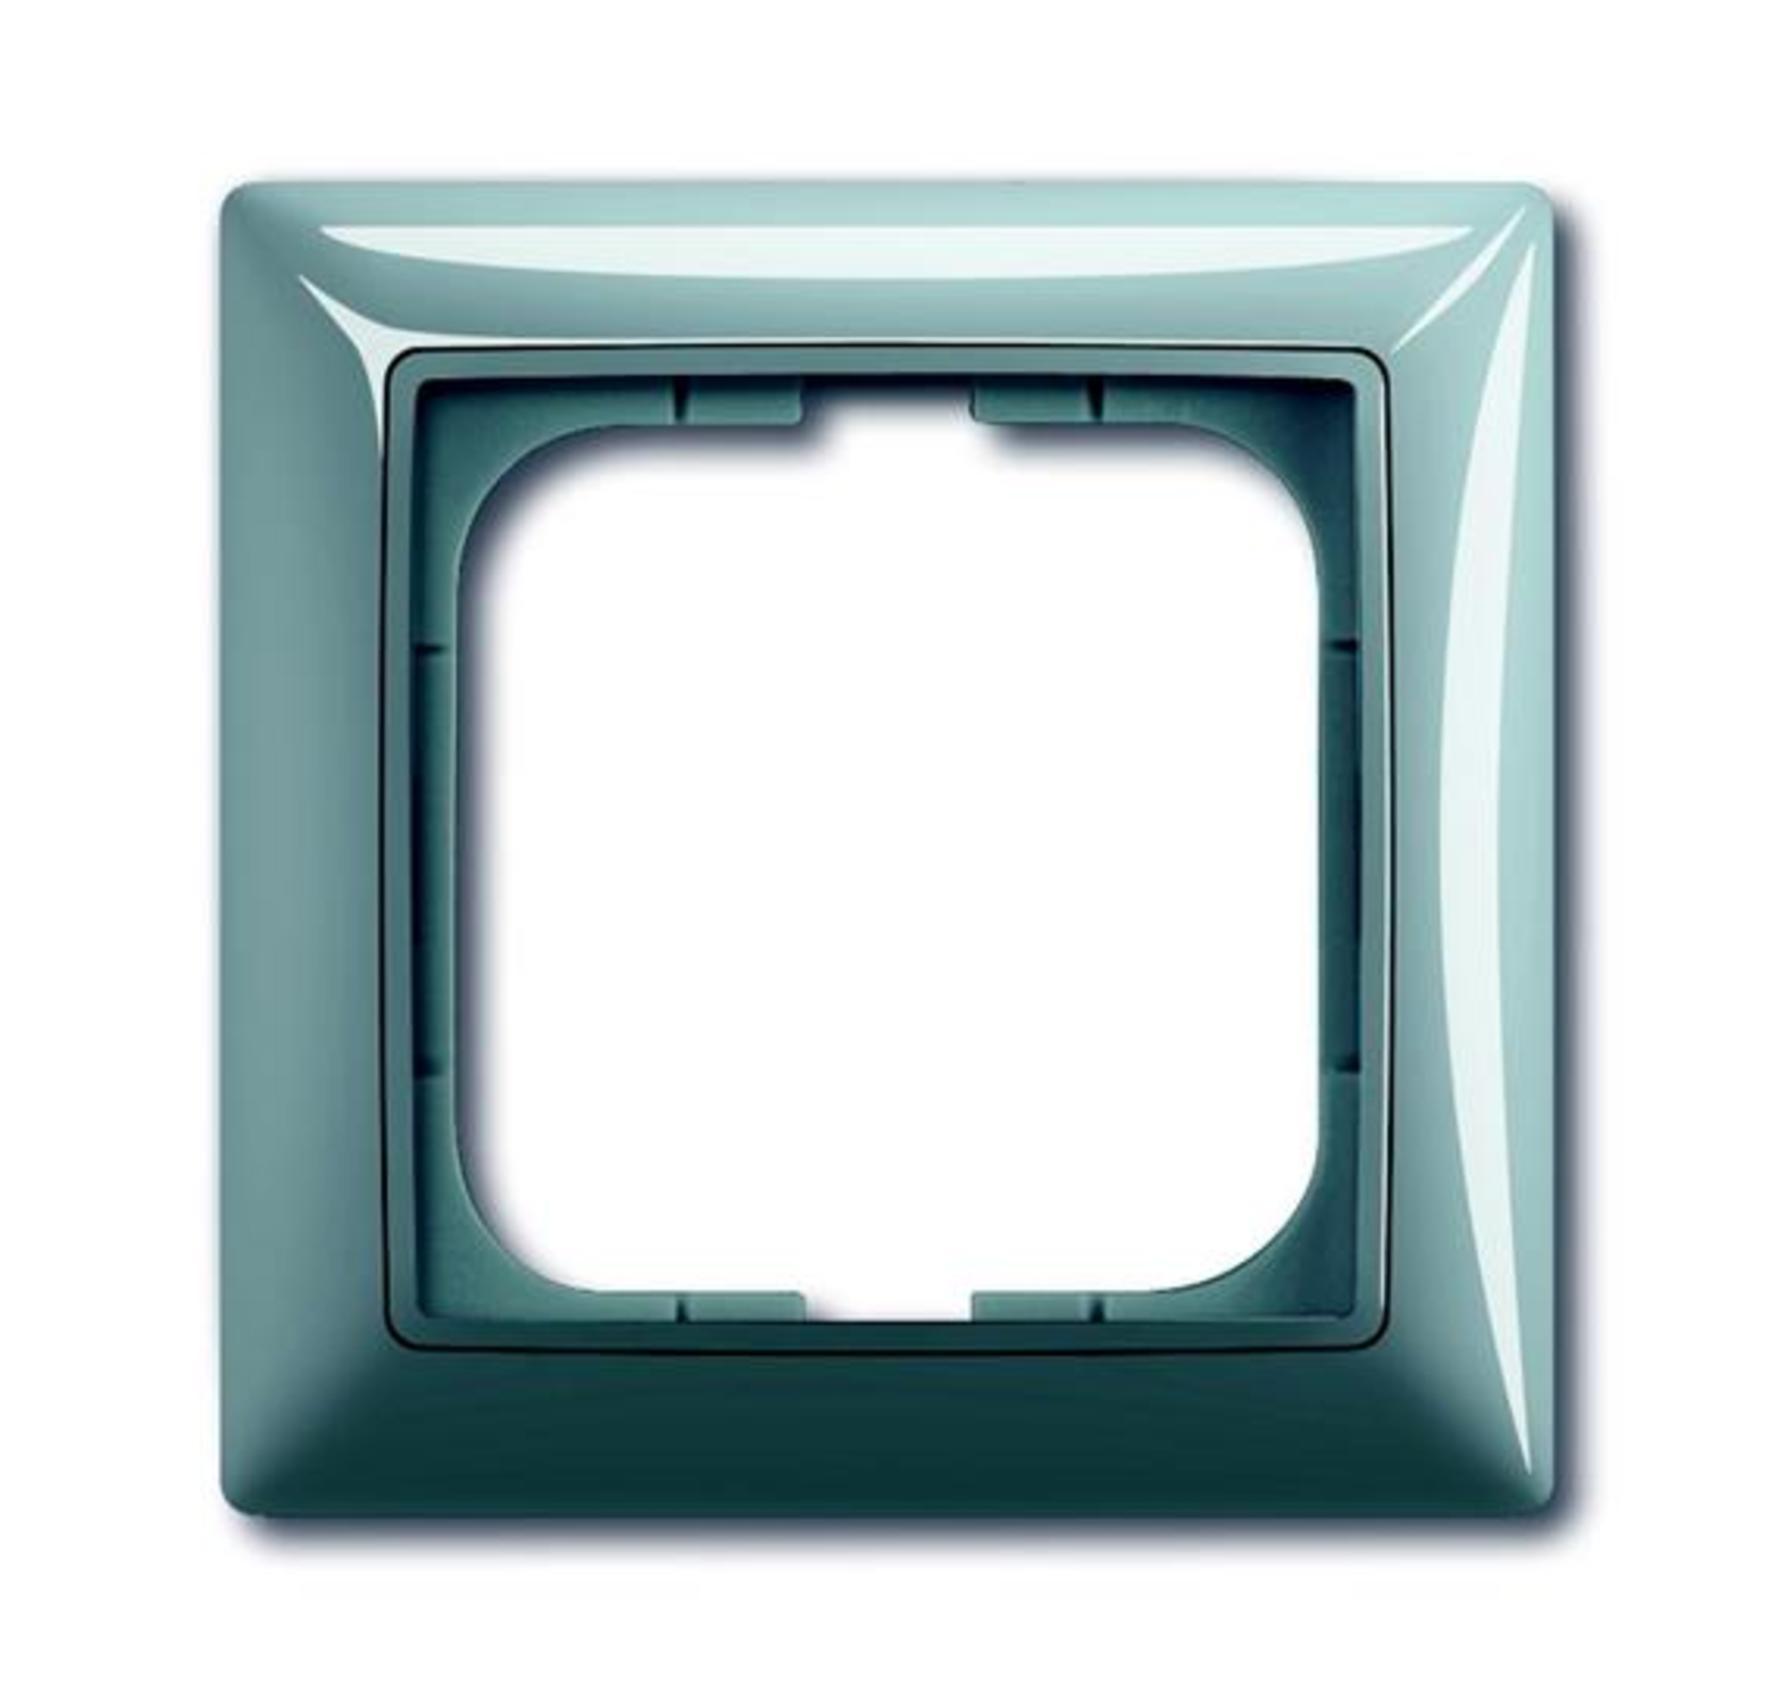 Rámček pre elektroinštalačné prístroje jednonásobný, svetlomodrá